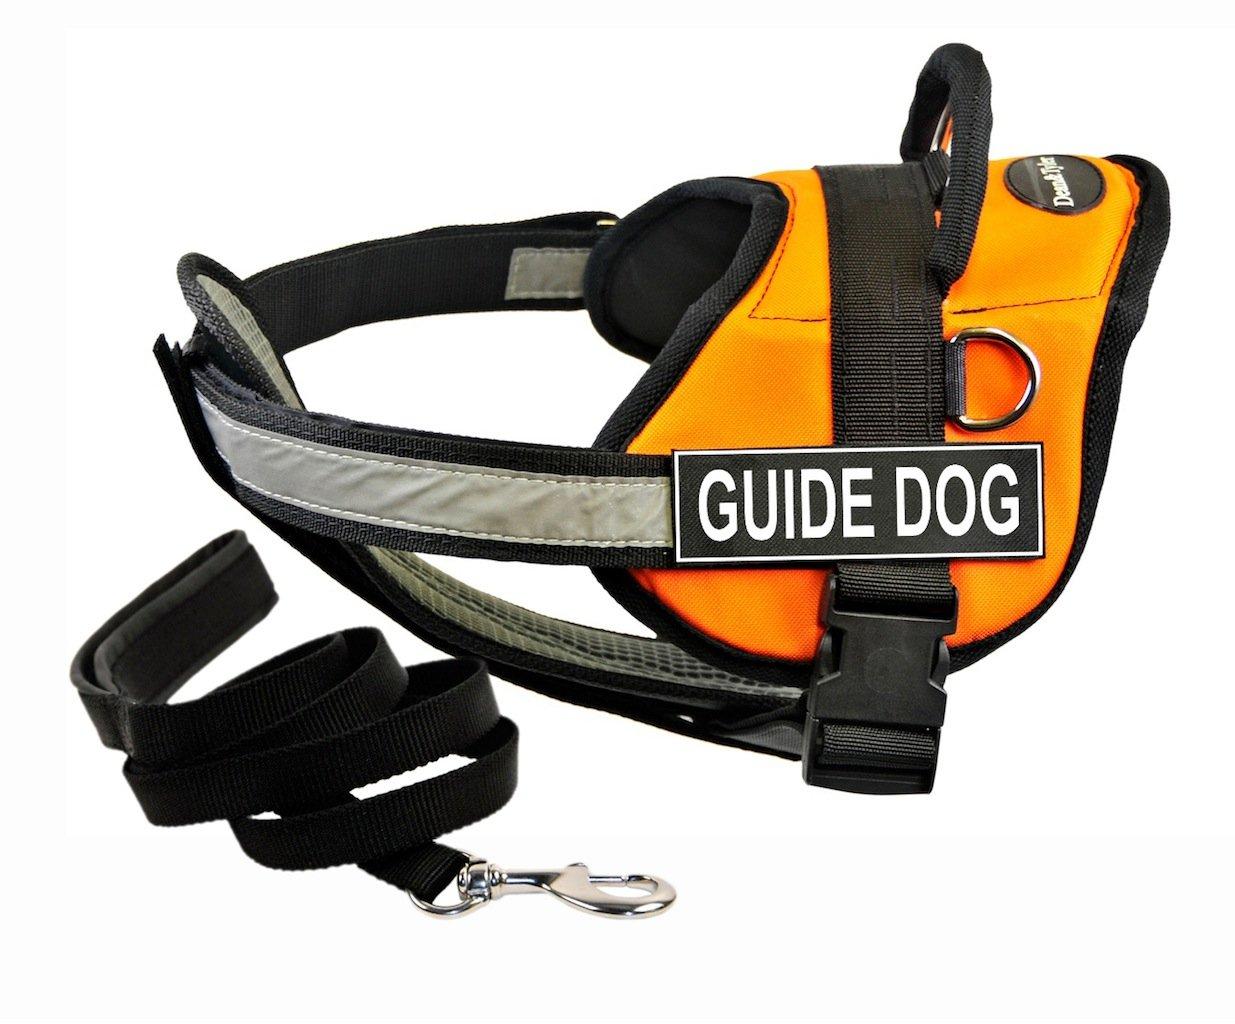 Dean & Tyler DT Works arancia Guide Dog Harness con Imbottitura sul Petto, Piccolo, e Nero 1,8 m Padded Puppy guinzaglio.